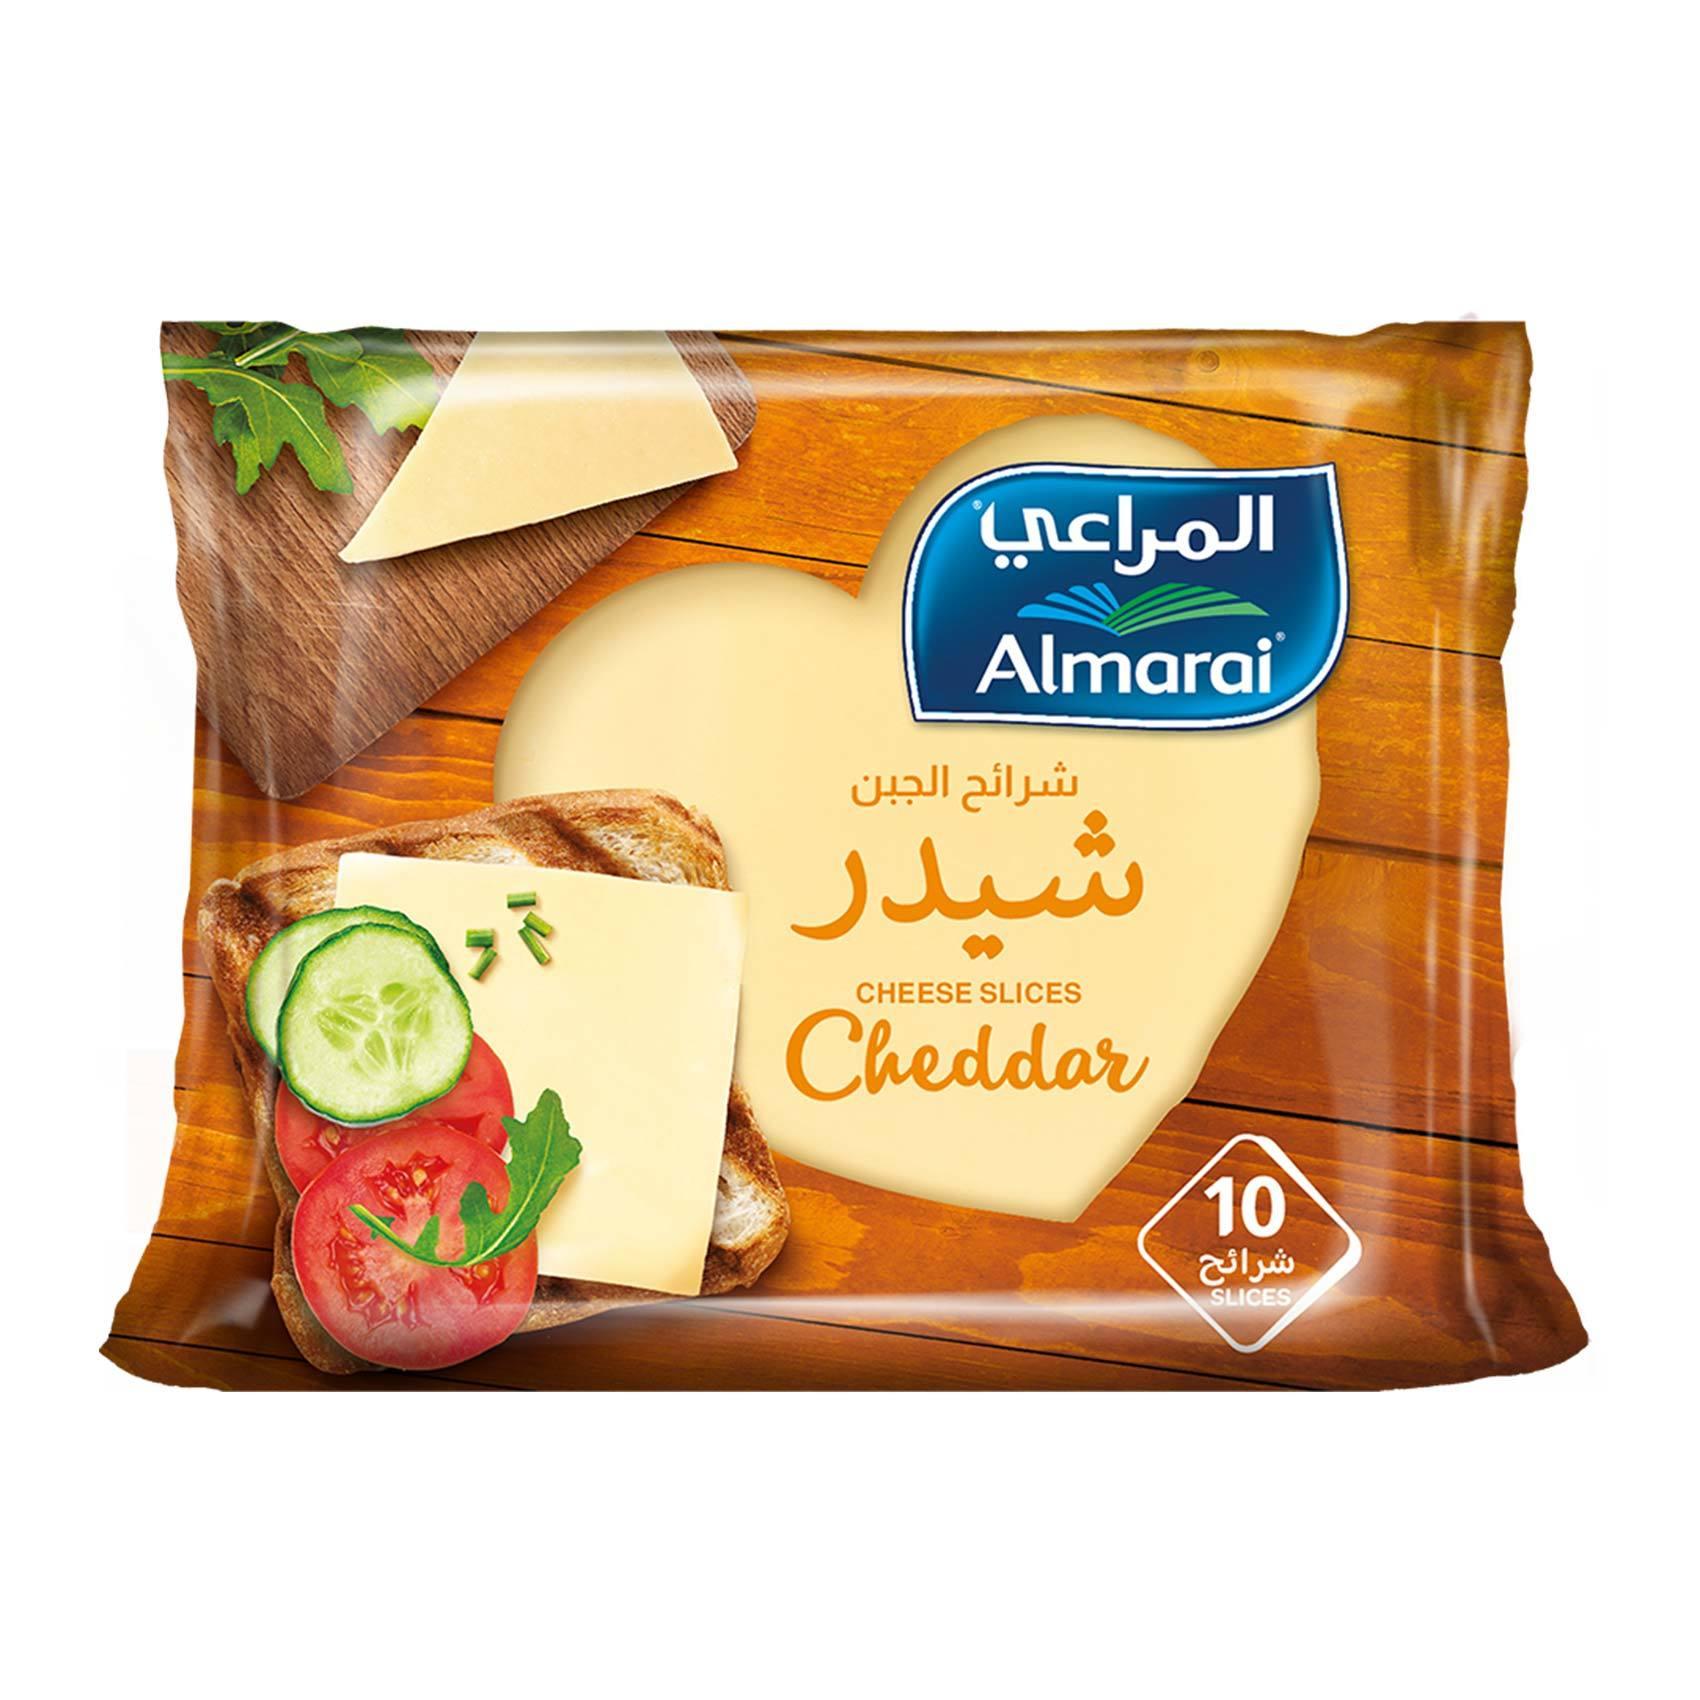 Buy Almarai Cheese Slices Cheddar 200 G Times 10 Pieces Online Shop Fresh Food On Carrefour Saudi Arabia